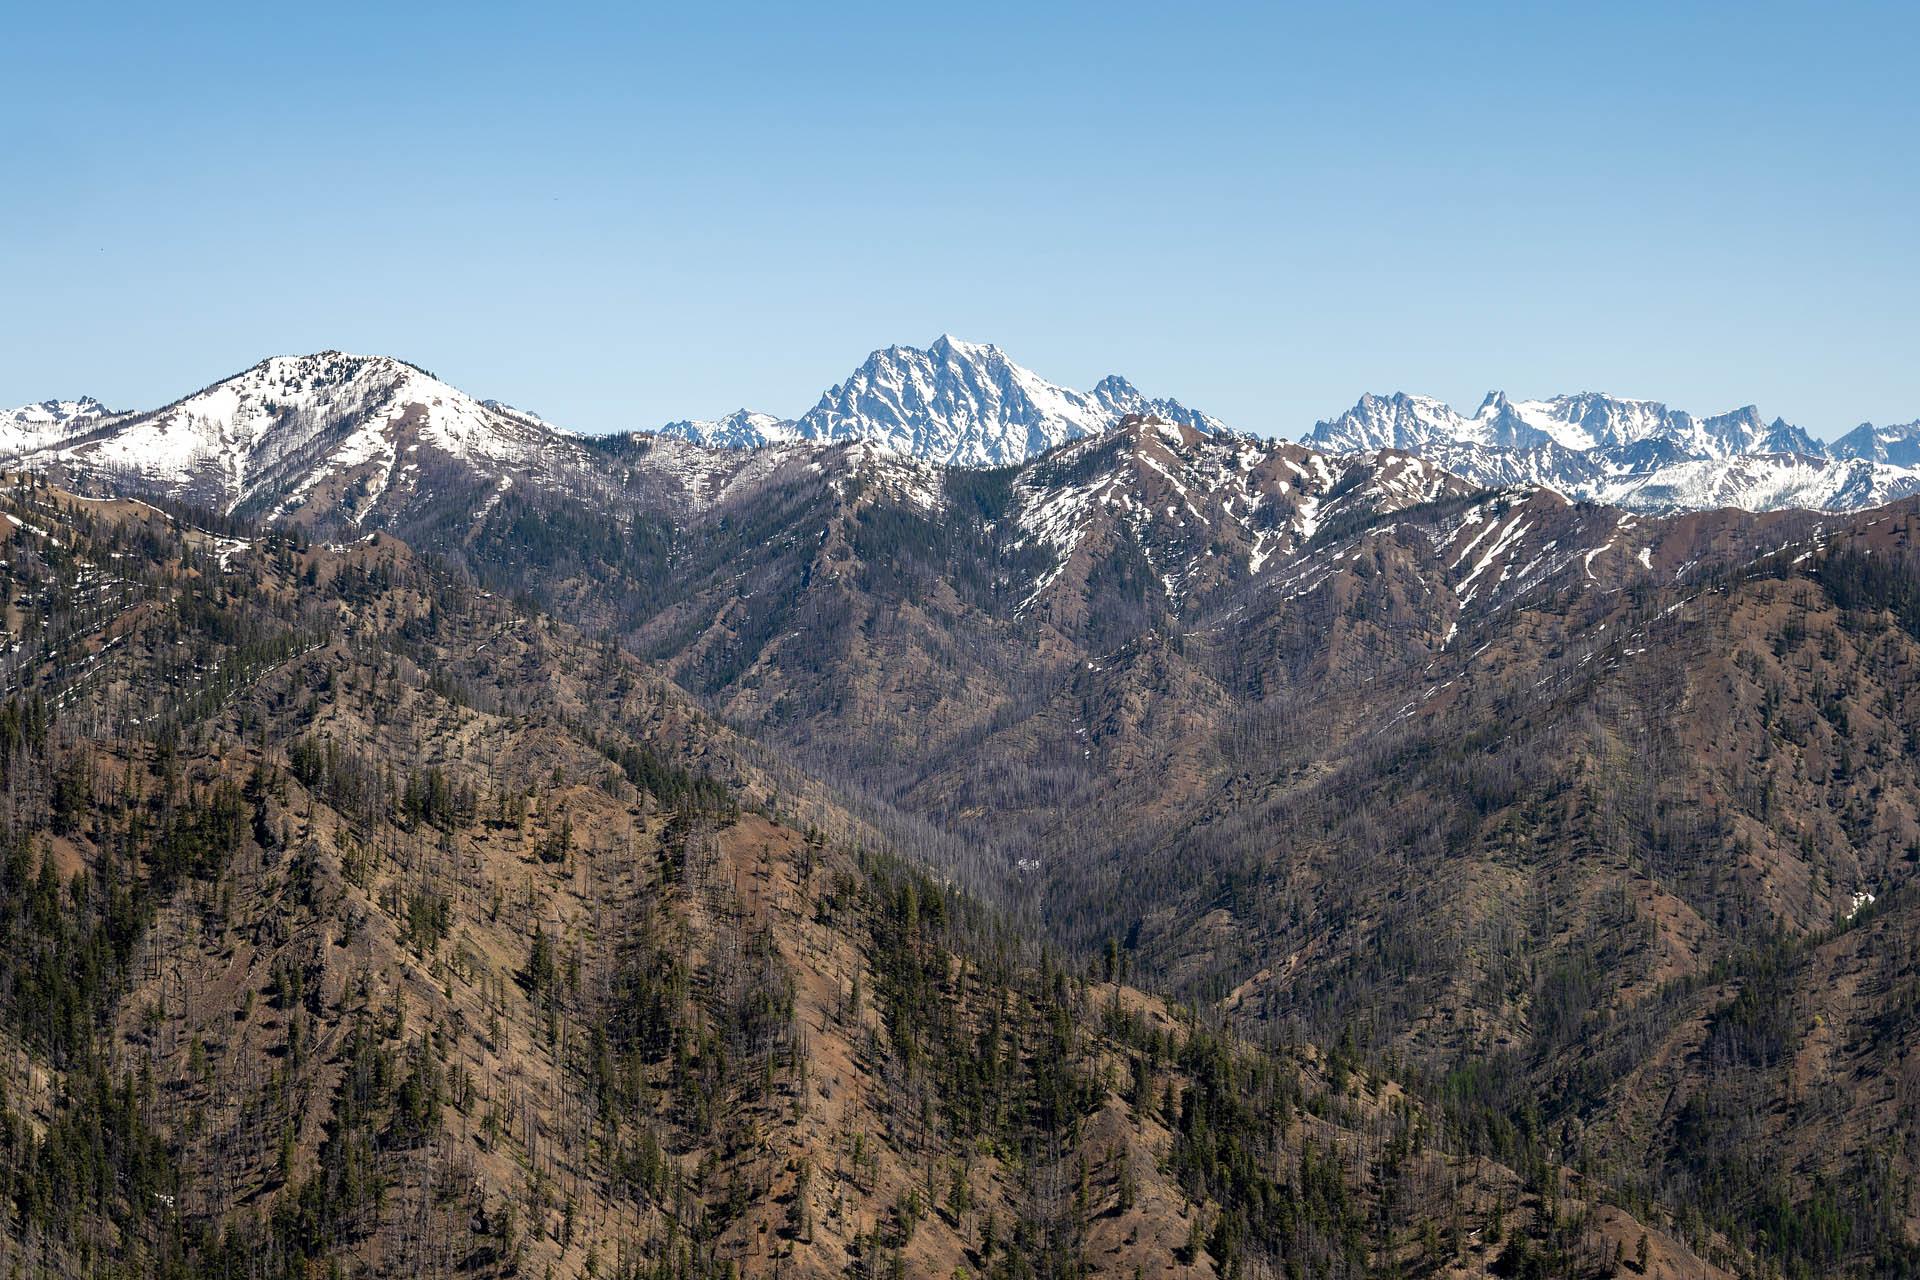 Mount Stuart (center)